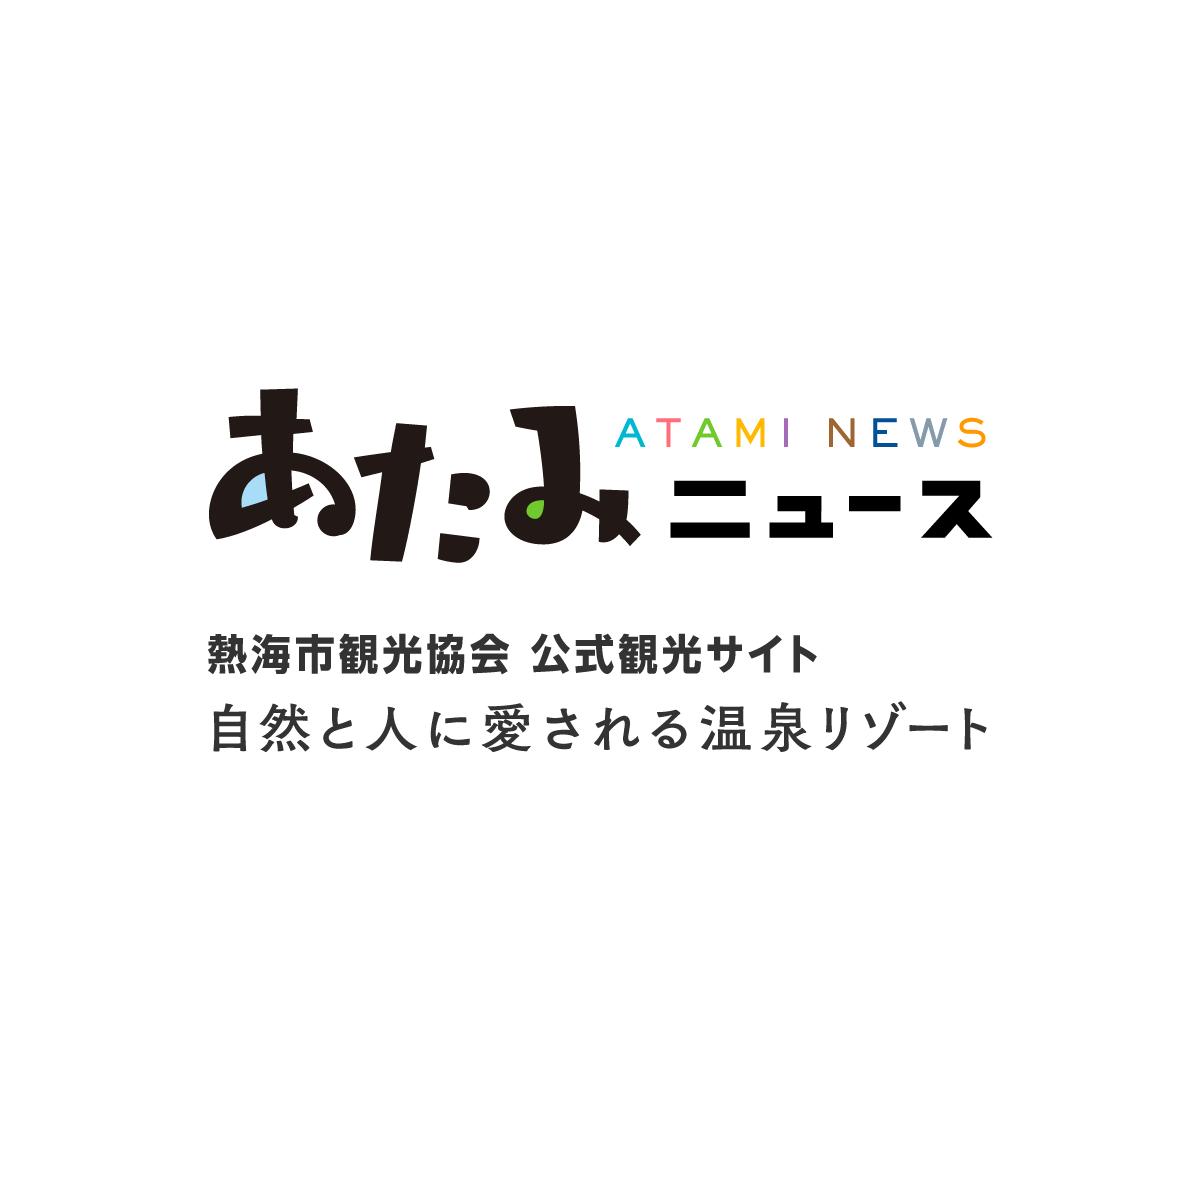 あたみニュース~熱海市の観光情報はココで決まり!|熱海市観光協会 公式サイト